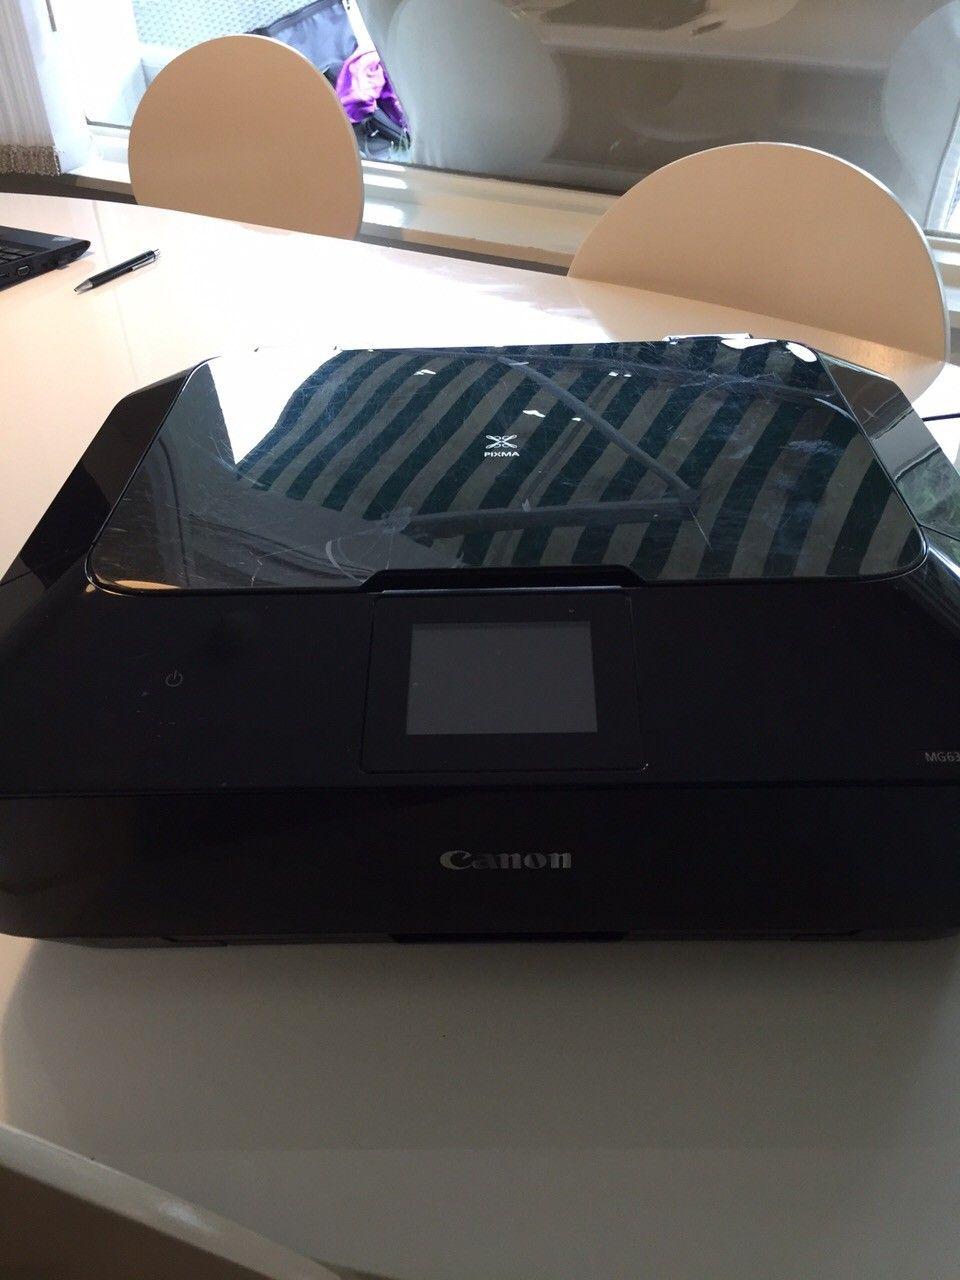 Printer Canon Pixma MG 6350 500,- - Oslo  - Printer Canon Pixma MG 6350 selges for 500,-. Kopi - og scannerfunksjon. Printer ut bilder i høy kvalitet. - Oslo